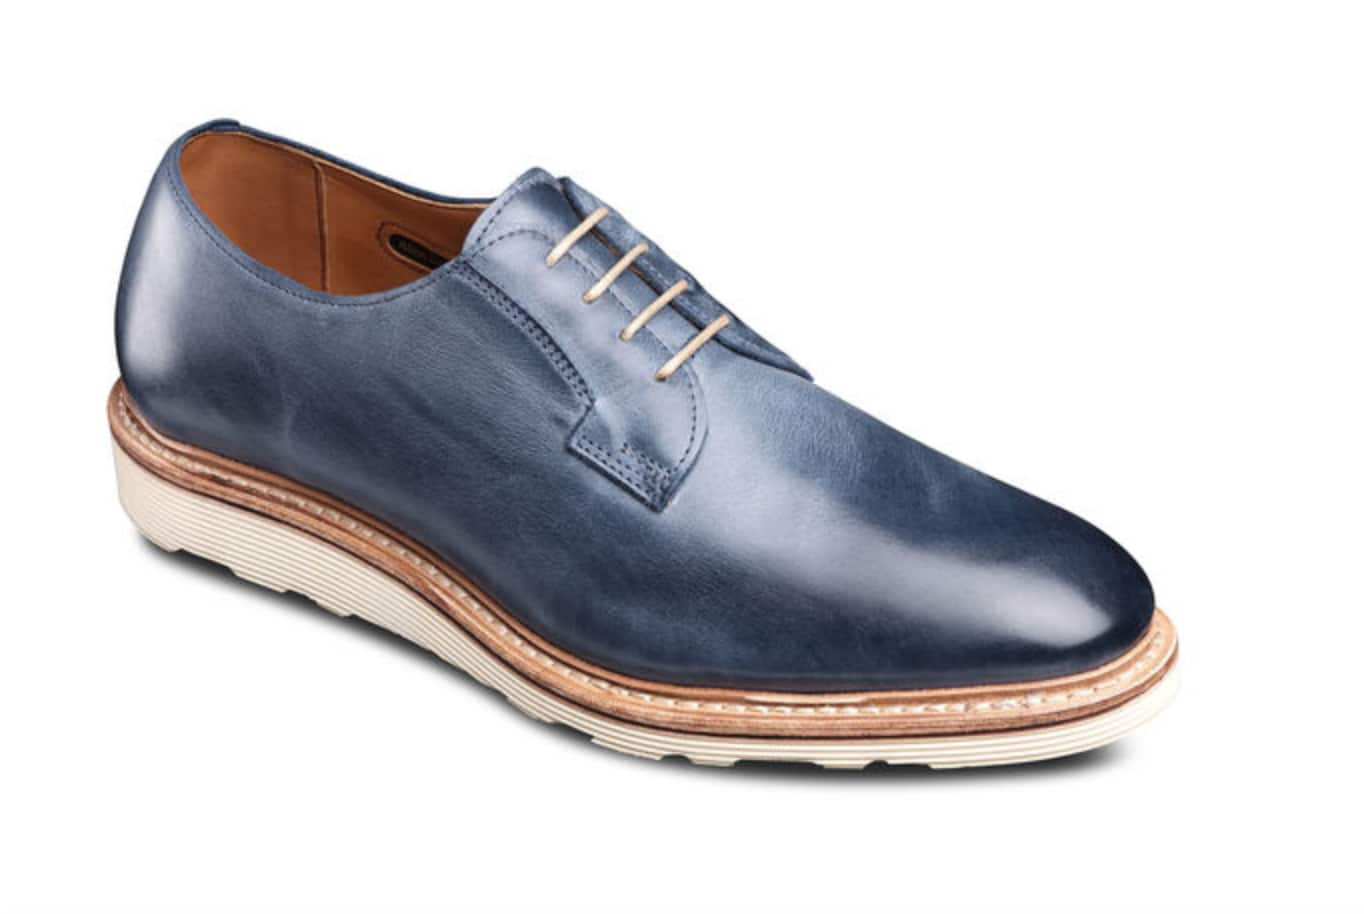 Allen Edmonds Men's Cove Drive Shoes $77.60 + Free Shipping